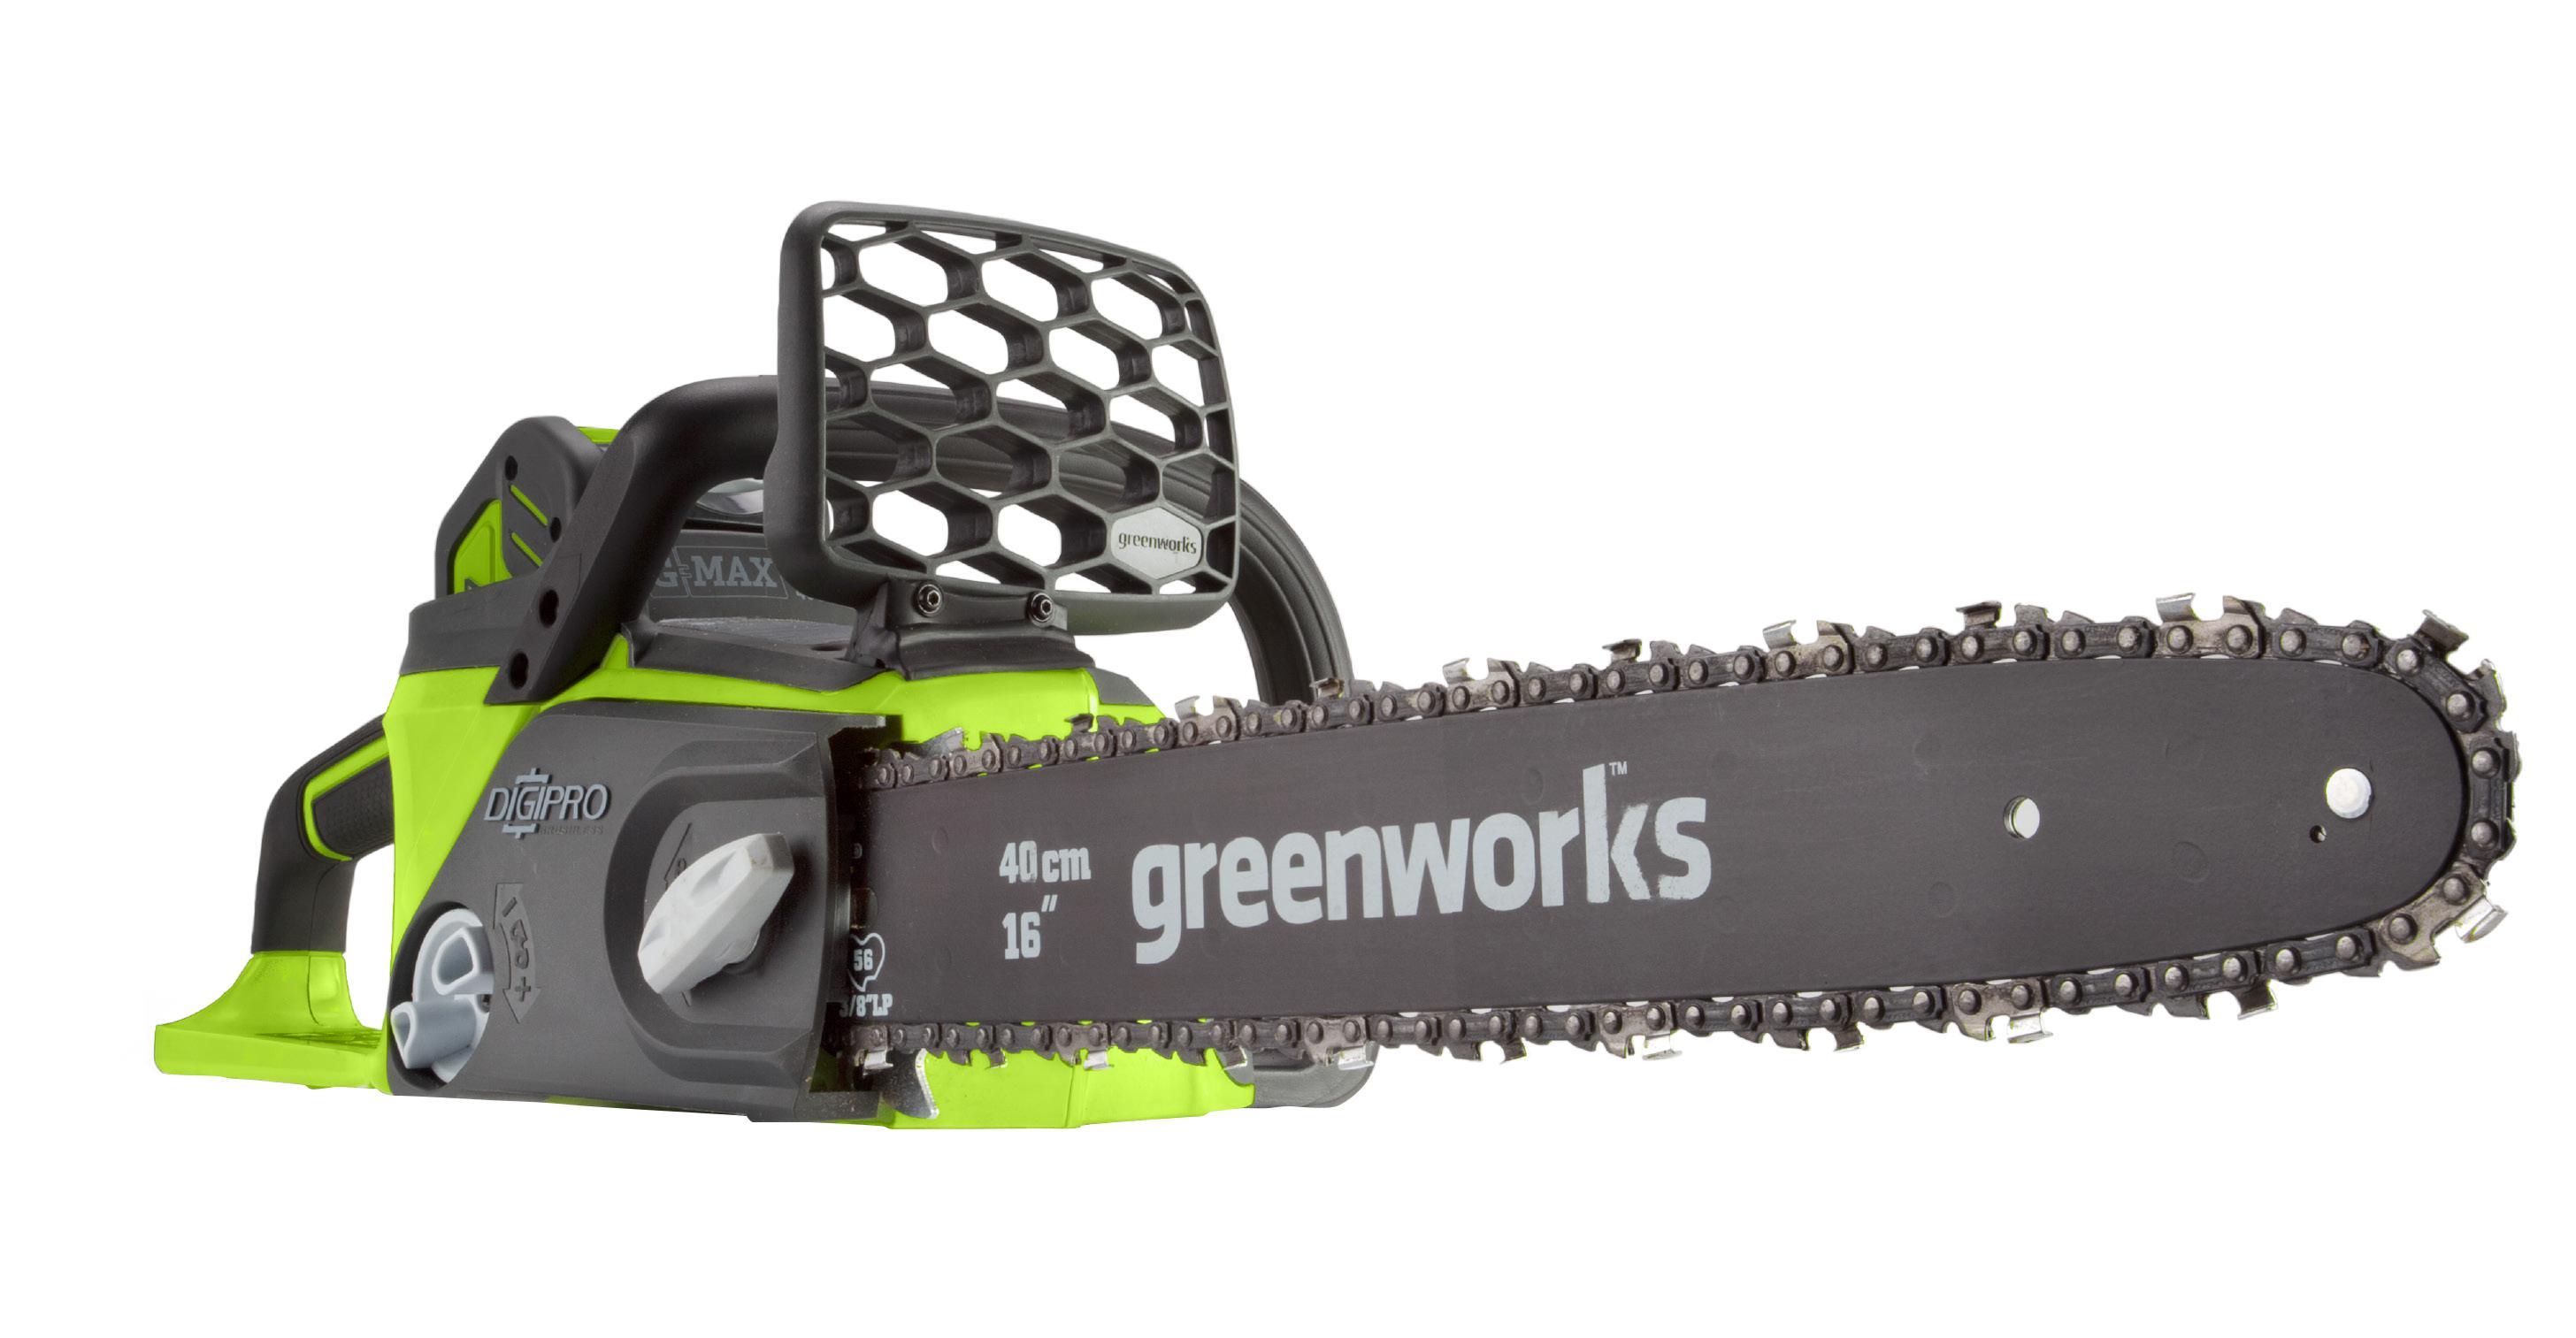 Пила цепная аккумуляторная Greenworks Gd40cs40 (20077) БЕЗ АККУМ и ЗУ игрушка paw patrol маленькая машинка спасателя